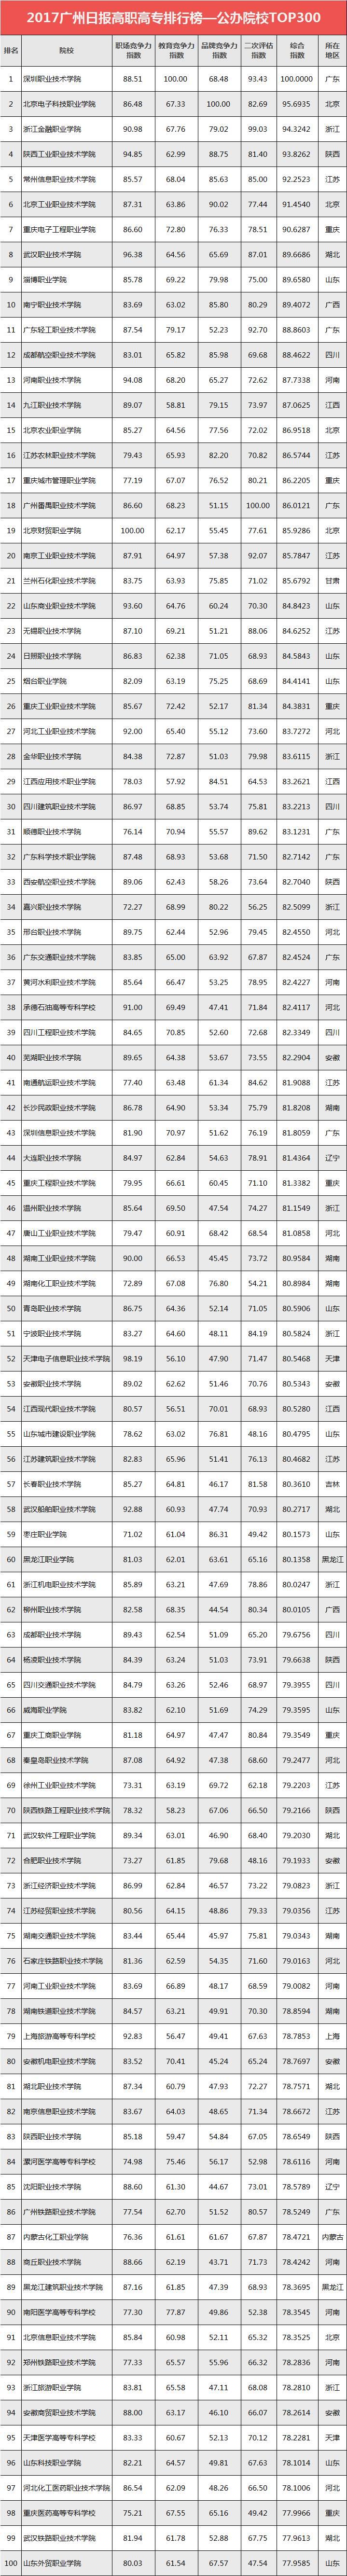 2017全国公办高职高专学校排行榜